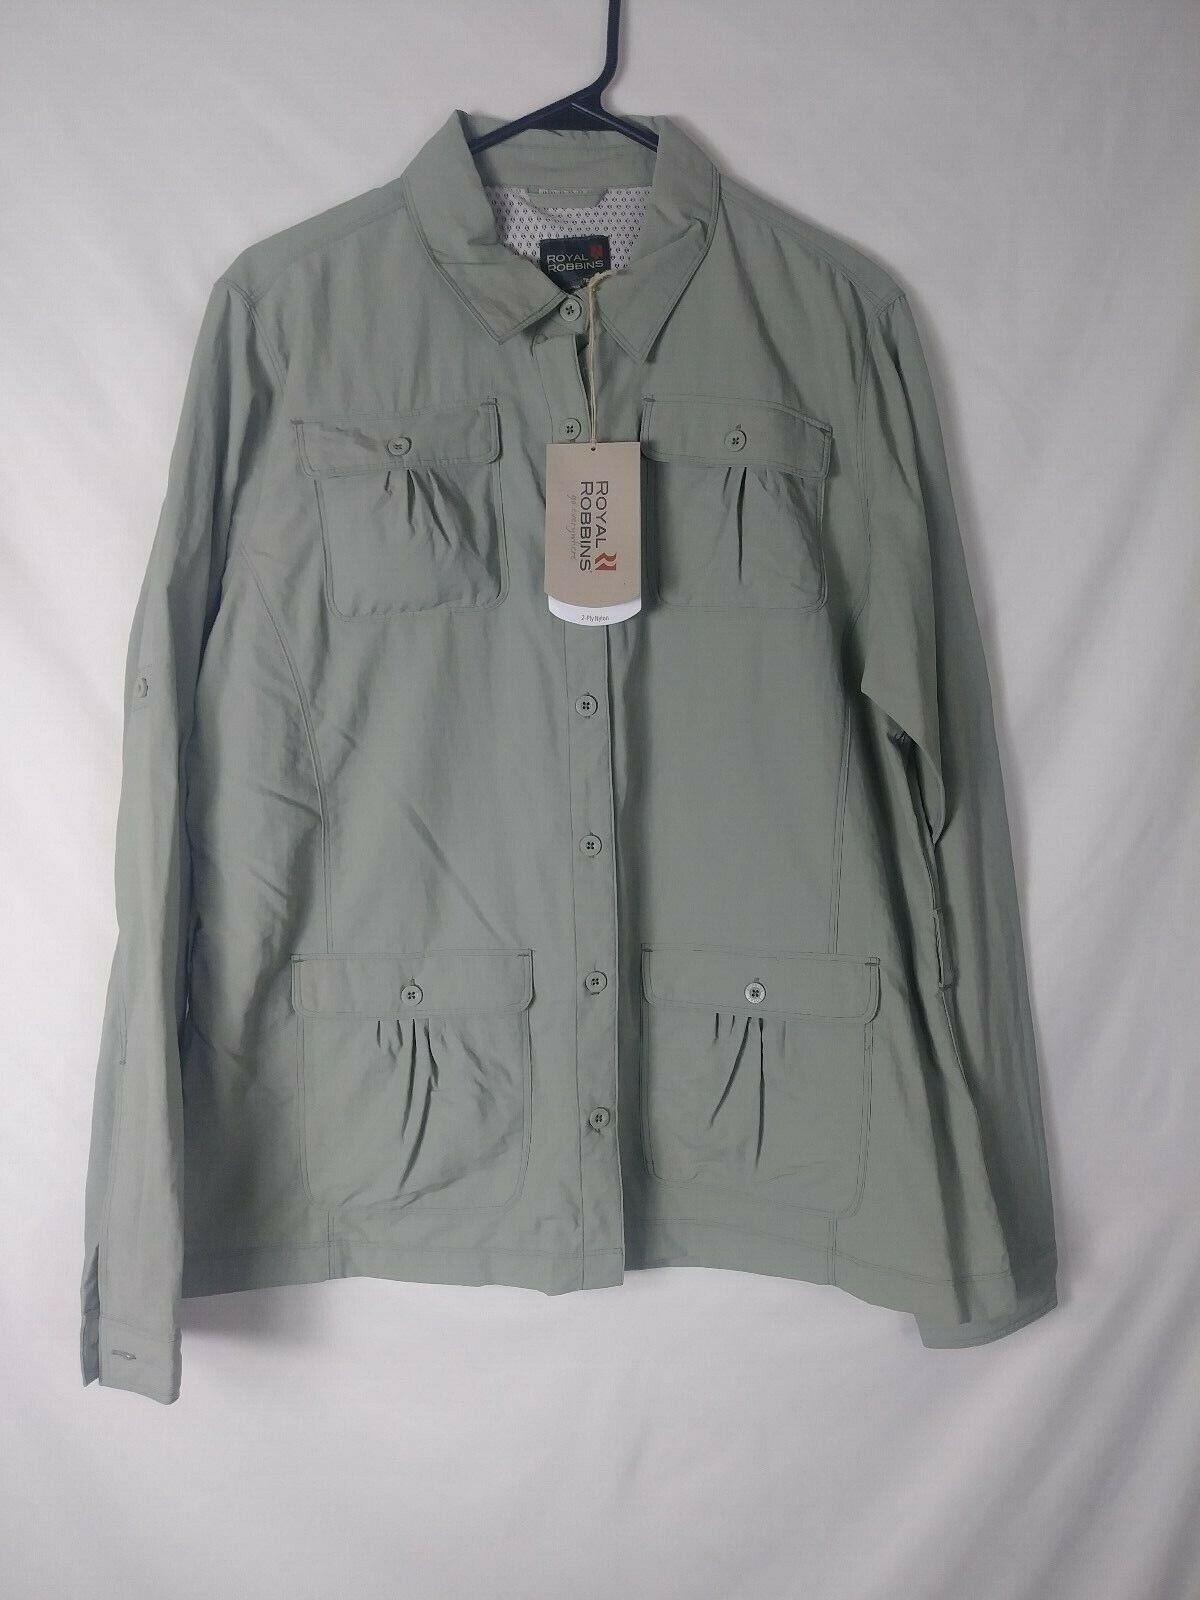 New Royal Robbins damen Shirt Größe XL Grün Long Sleeve Hiking Fishing Outdoors